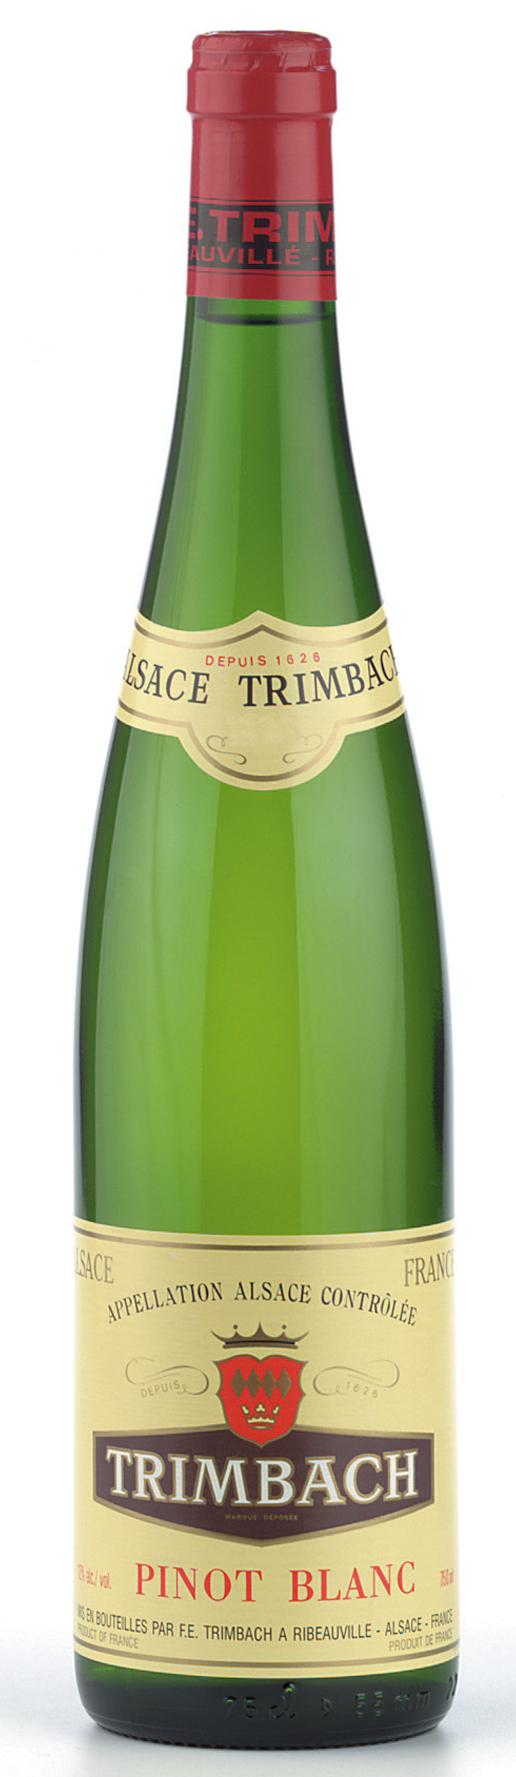 Trimbach Pinot Blanc 2018